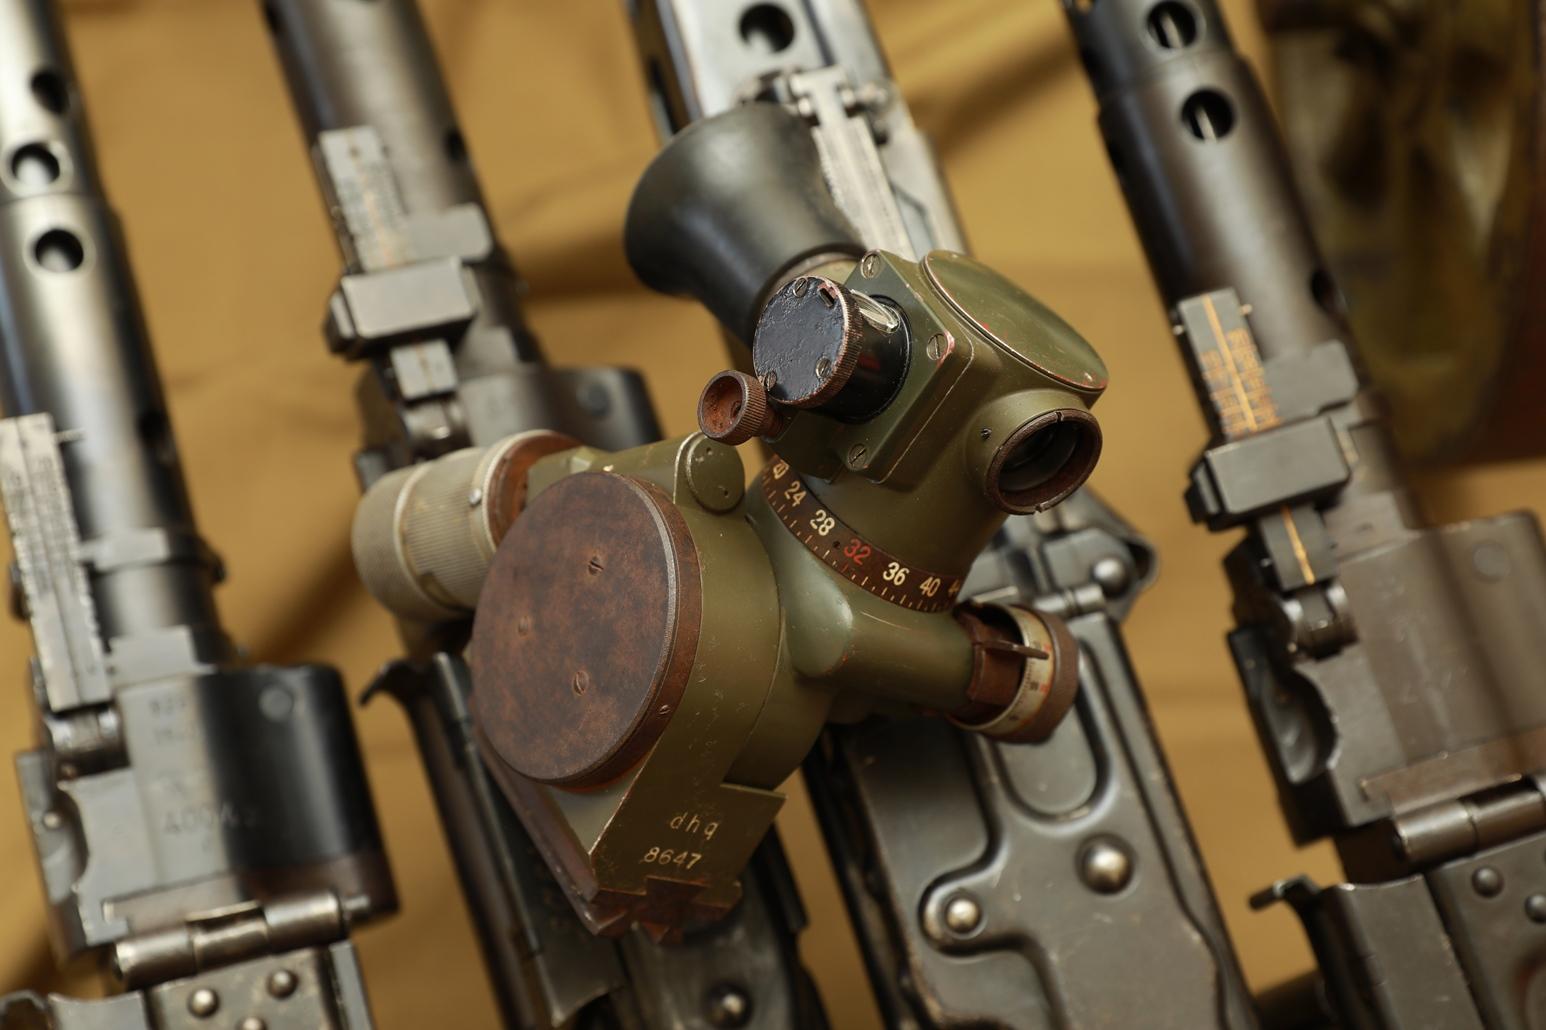 Фото Прицел MG Z.34 dhq #8647 на станок MG 34